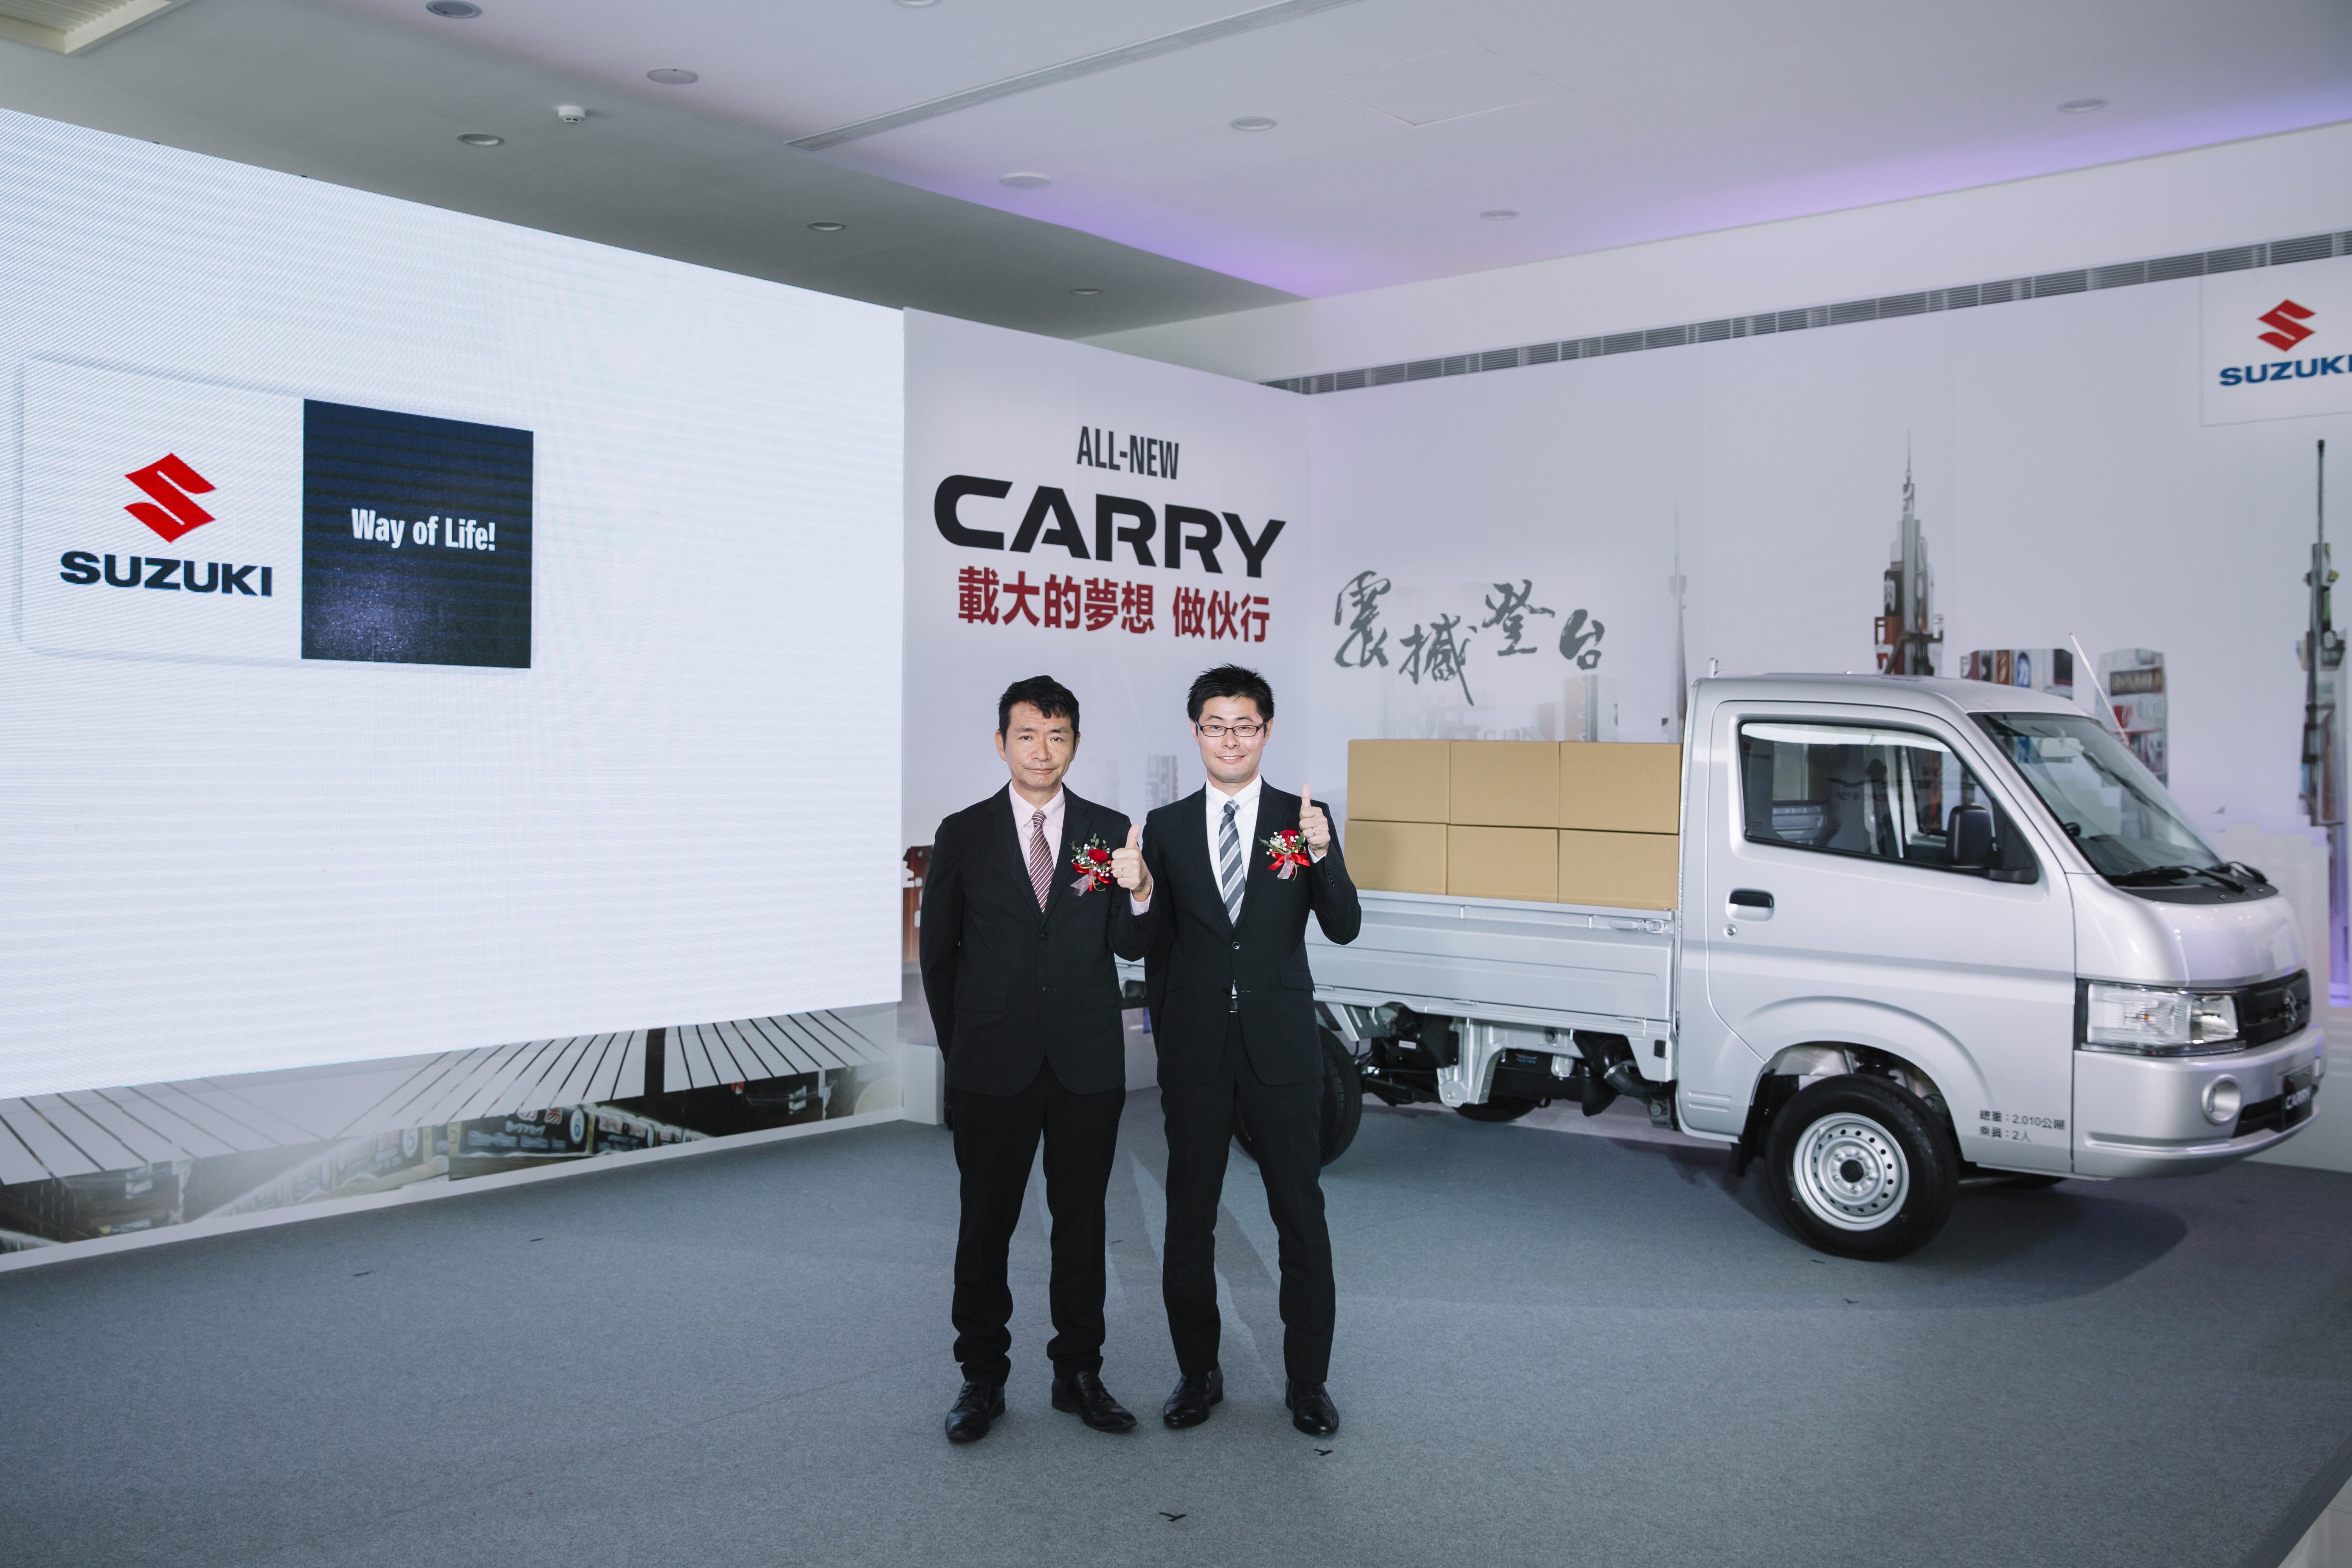 (圖左)TAIWAN SUZUKI鈴木忠臣董事長、(圖右)TAIWAN SUZUKI高橋淳副總經理。